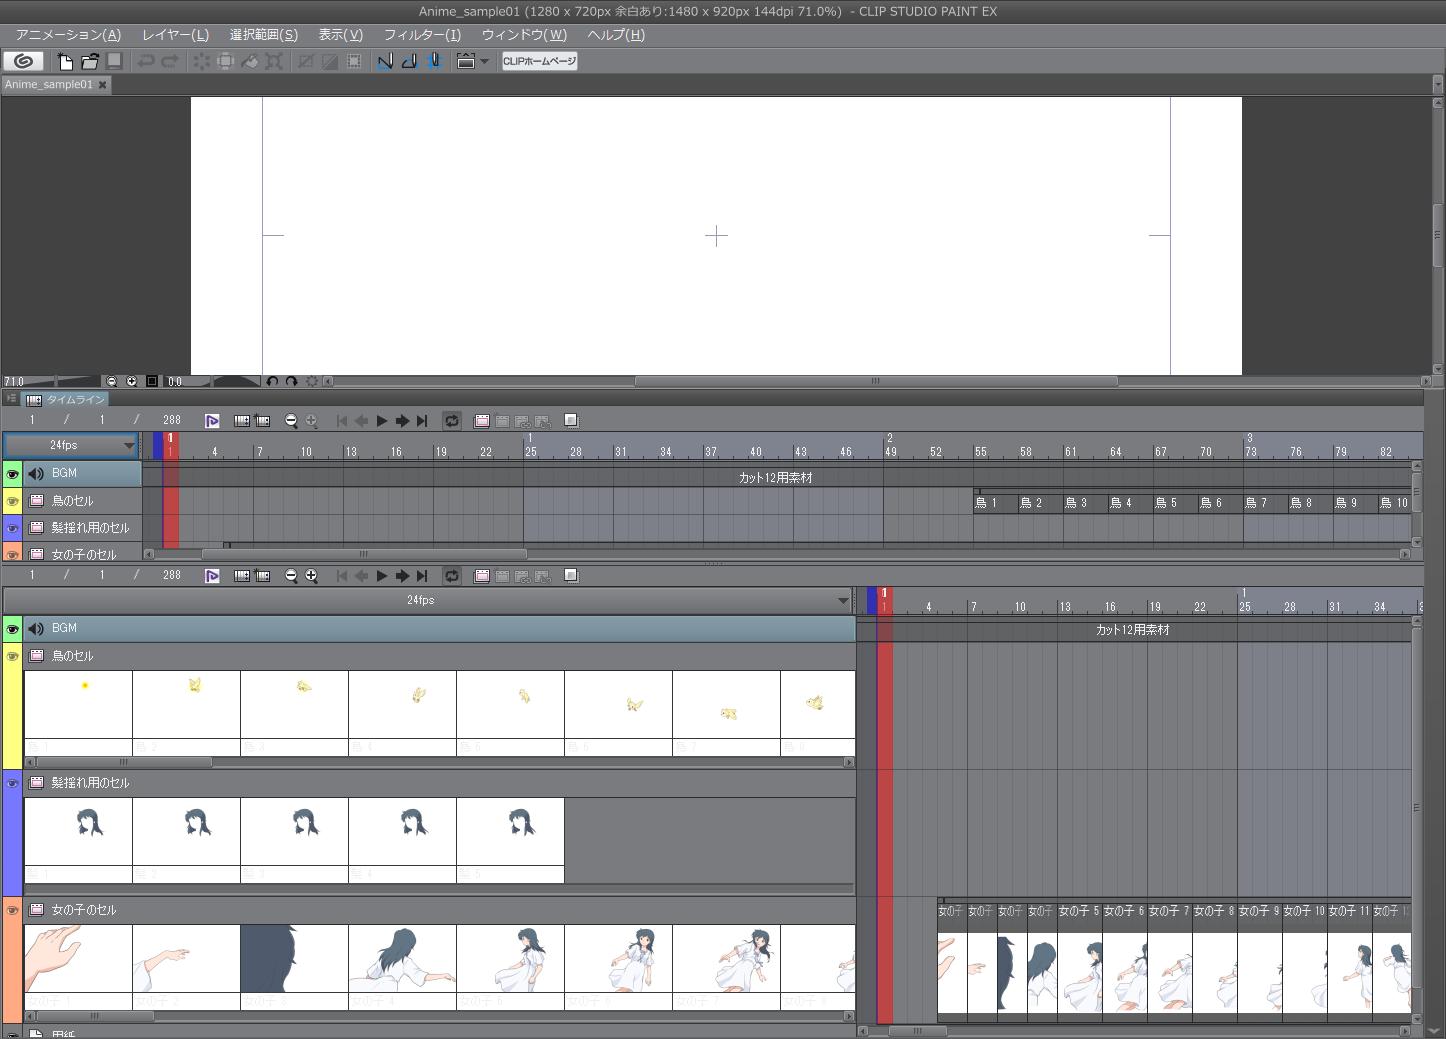 アニメーションフォルダー内のセルを一覧で表示し、管理しやすくする機能